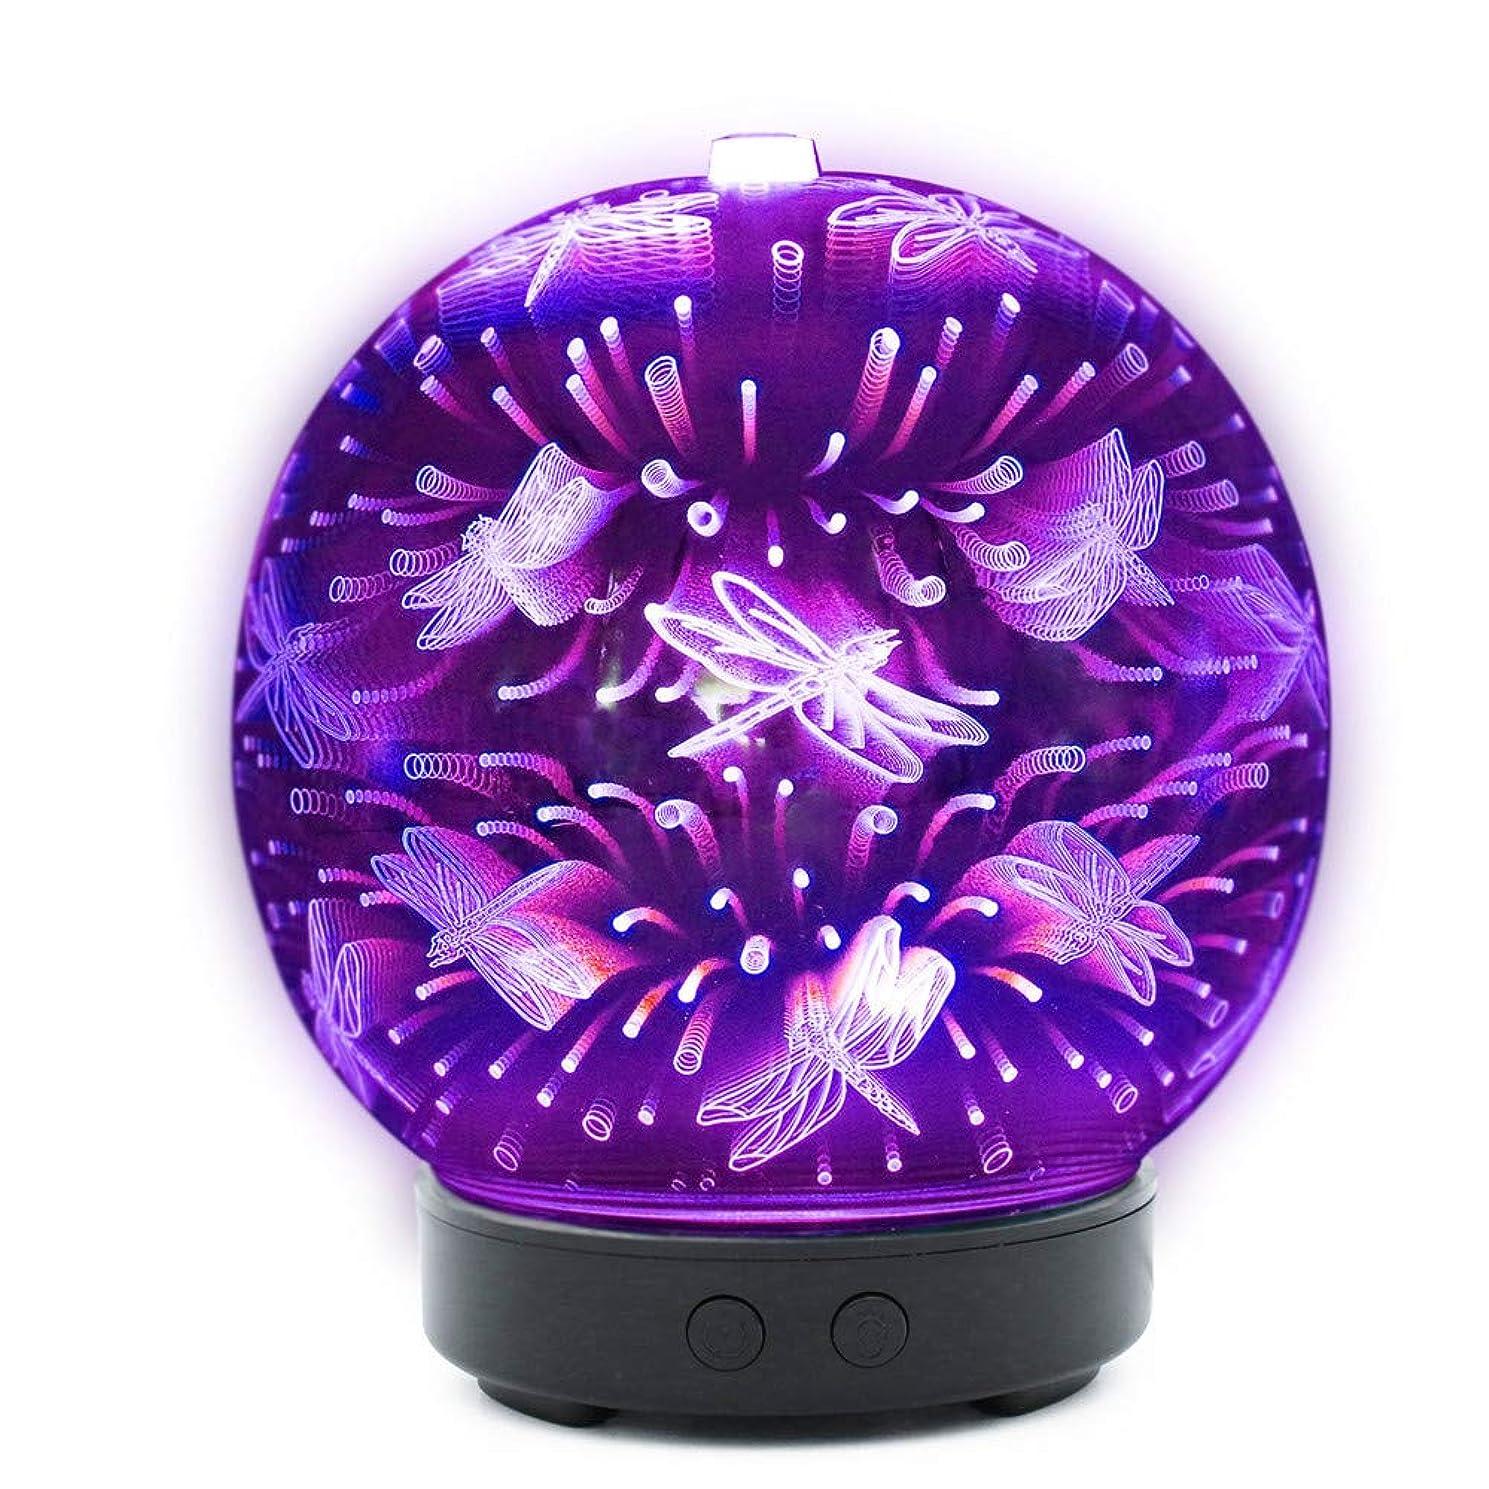 あいまいなフォアマン受粉者Amaping 3D Glass Essential Oil Diffuser, Aromatherapy Ultrasonic Cool Mist Humidifier, 3D Effect Night Light 7 Color Changing LEDs, Waterless Auto-Off, Timer Setting (Dragonfly Pattern) 141[並行輸入]